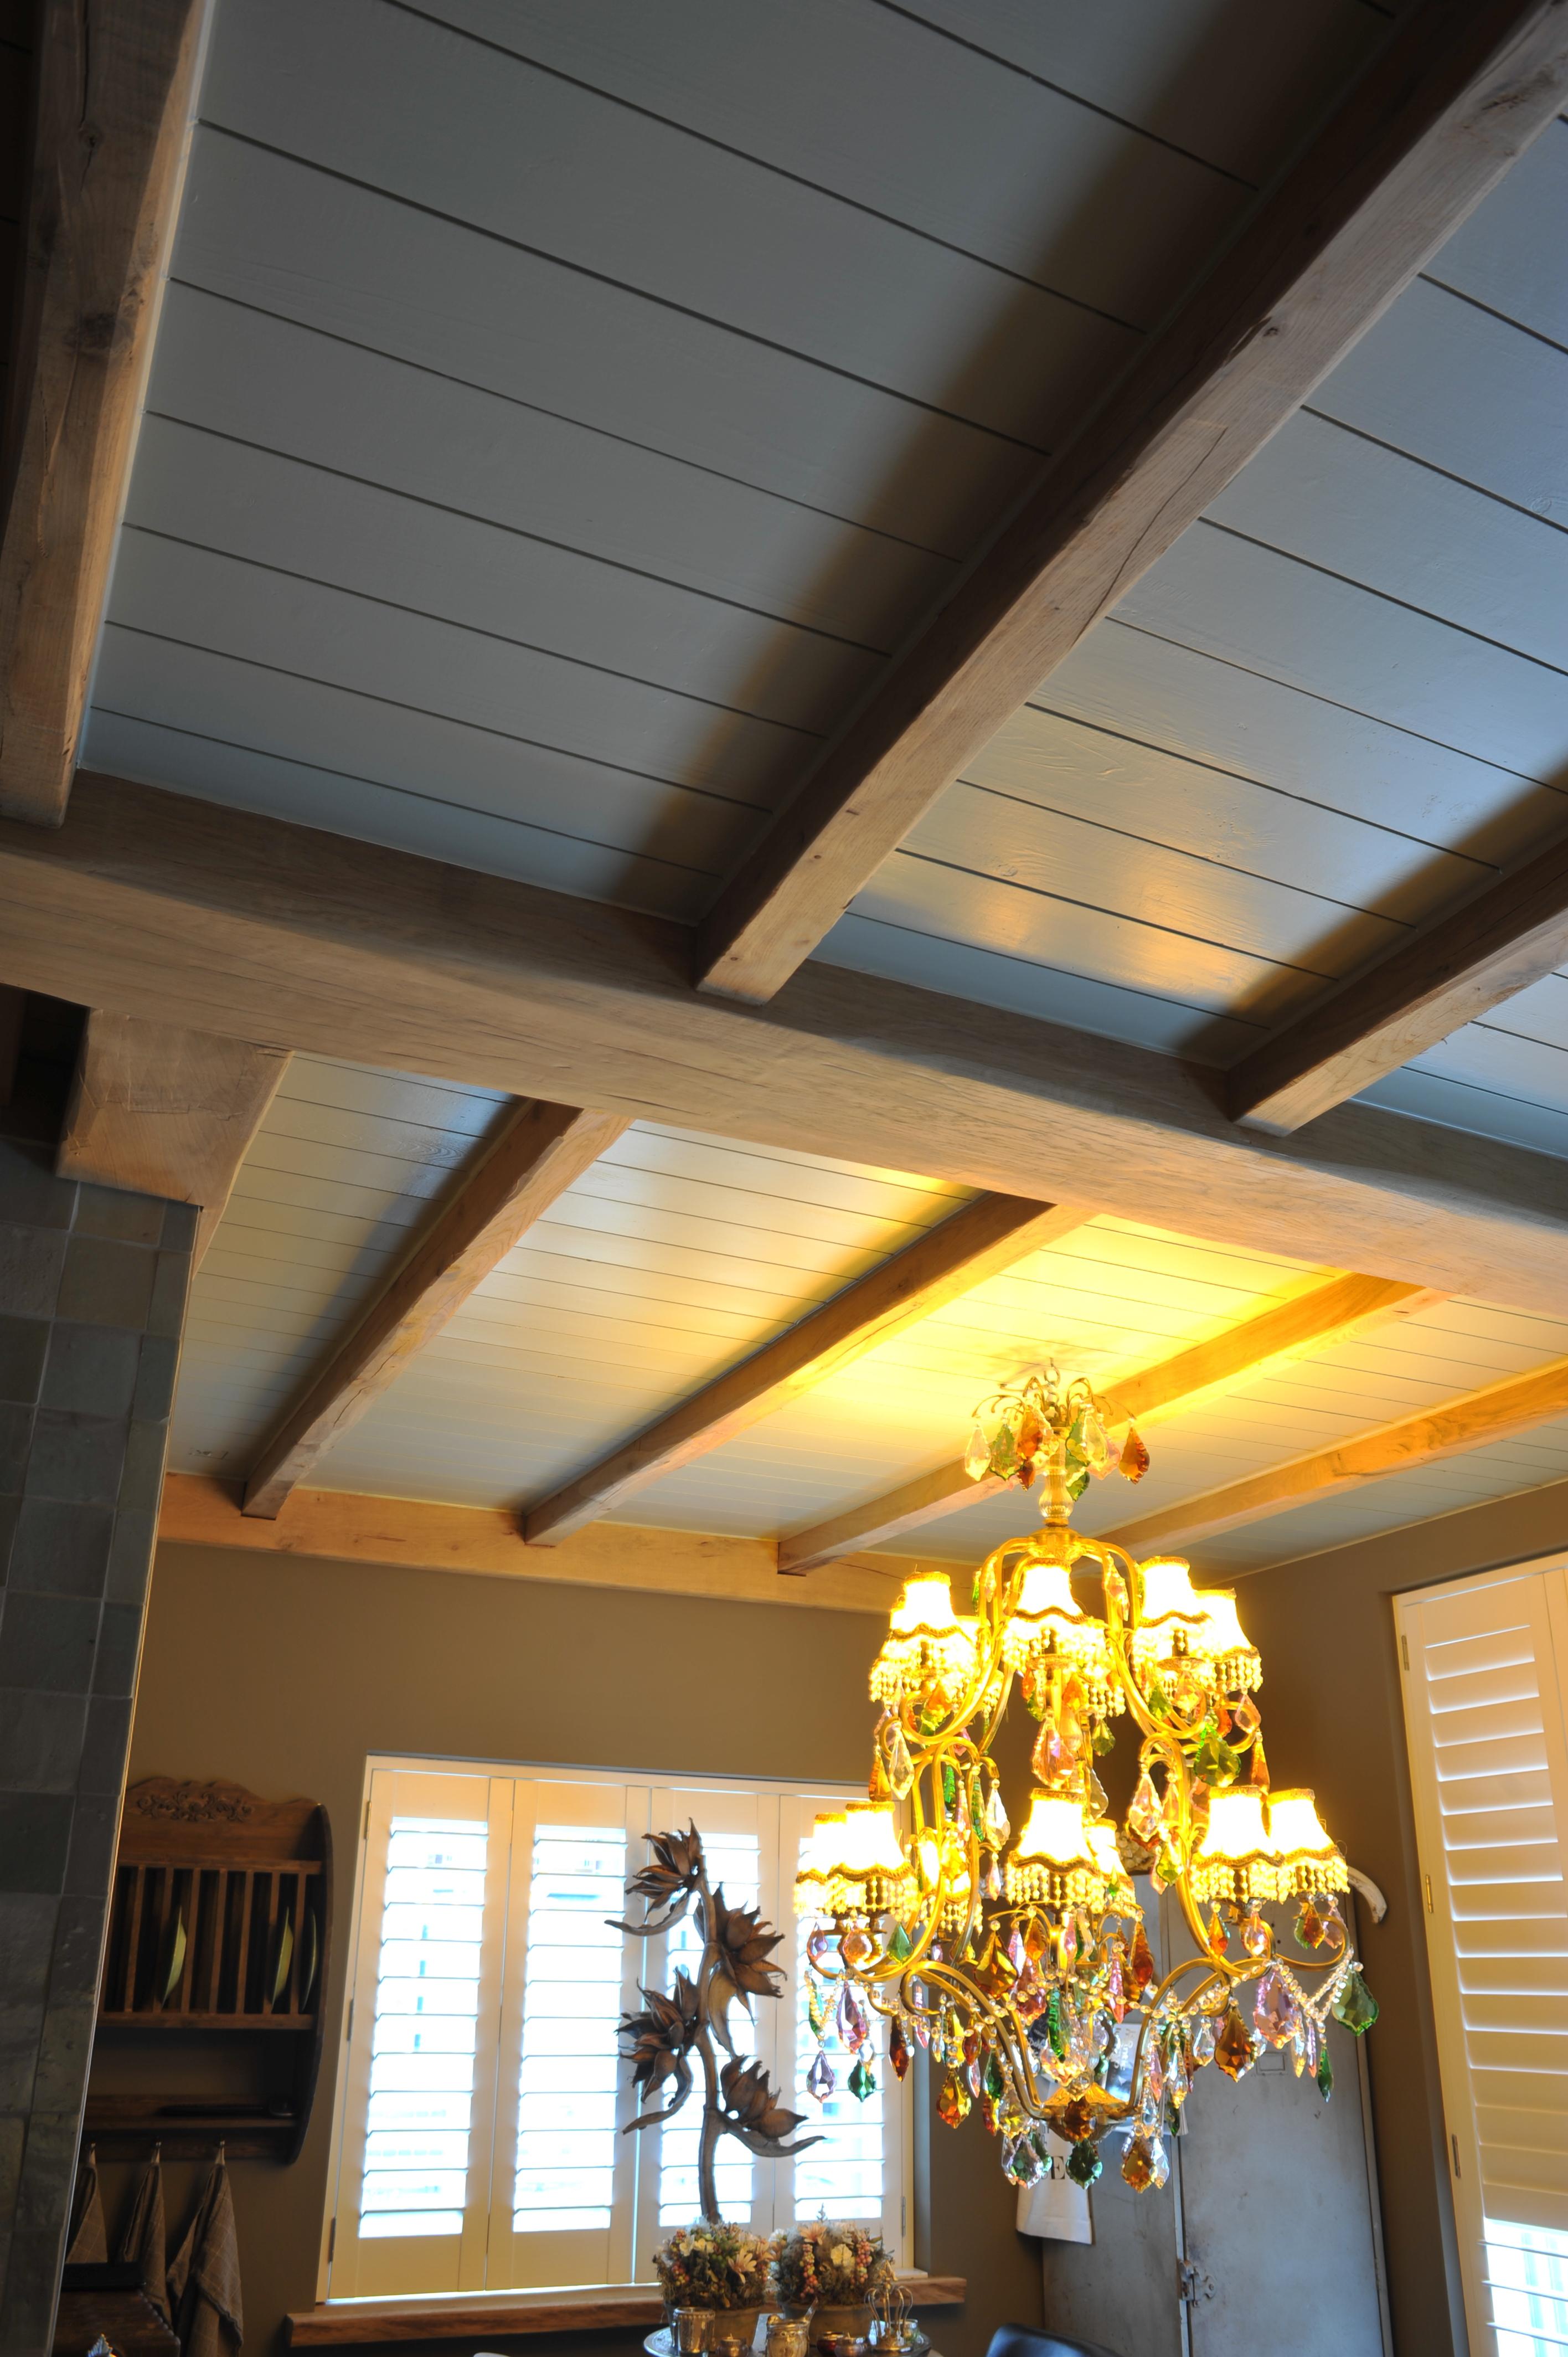 Balkenplafonds van hout, Houten balken plafonds voor keuken en woonkamer